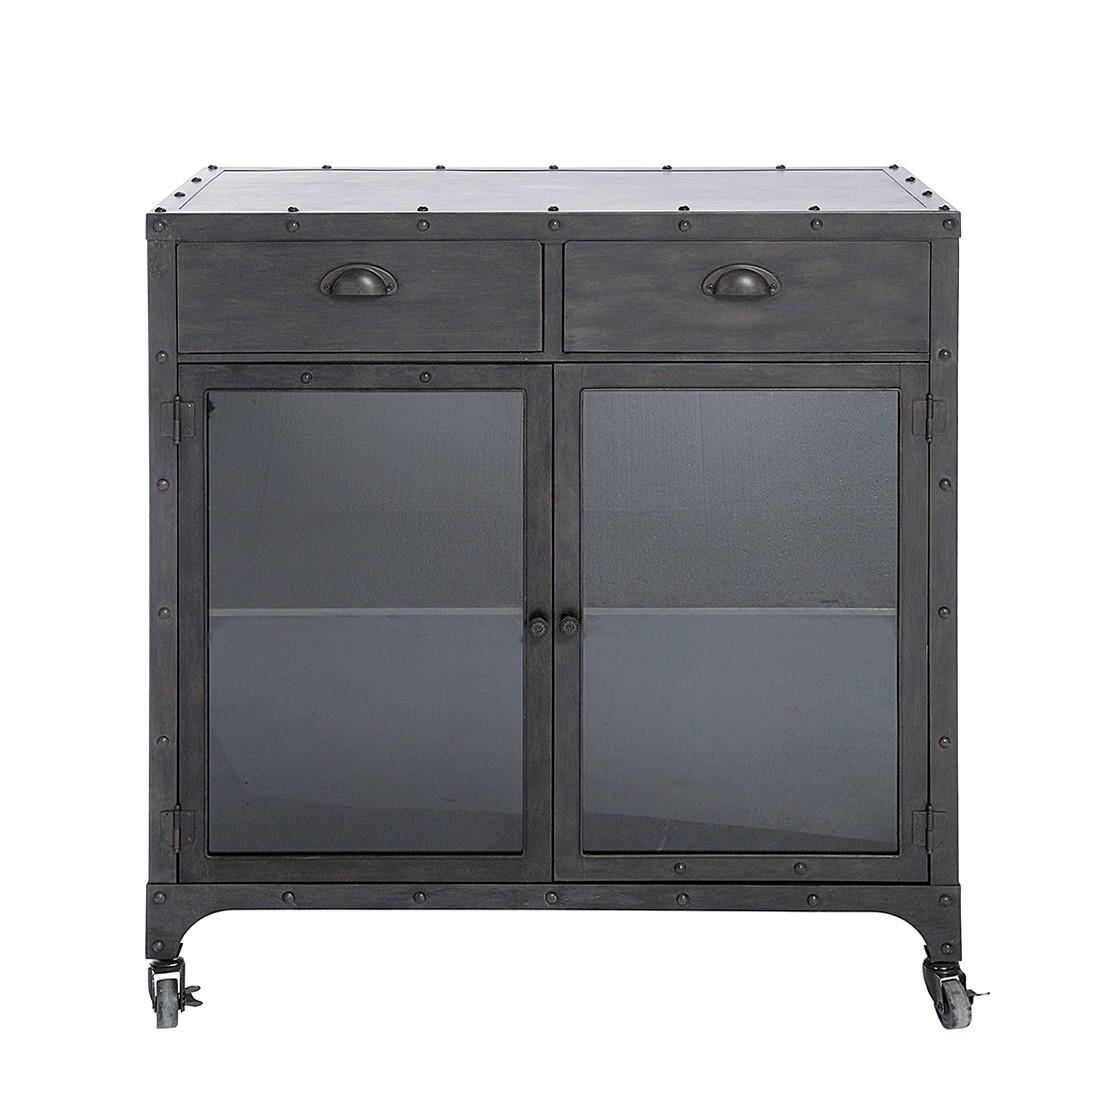 factory kommode metall kare design g nstig bestellen. Black Bedroom Furniture Sets. Home Design Ideas